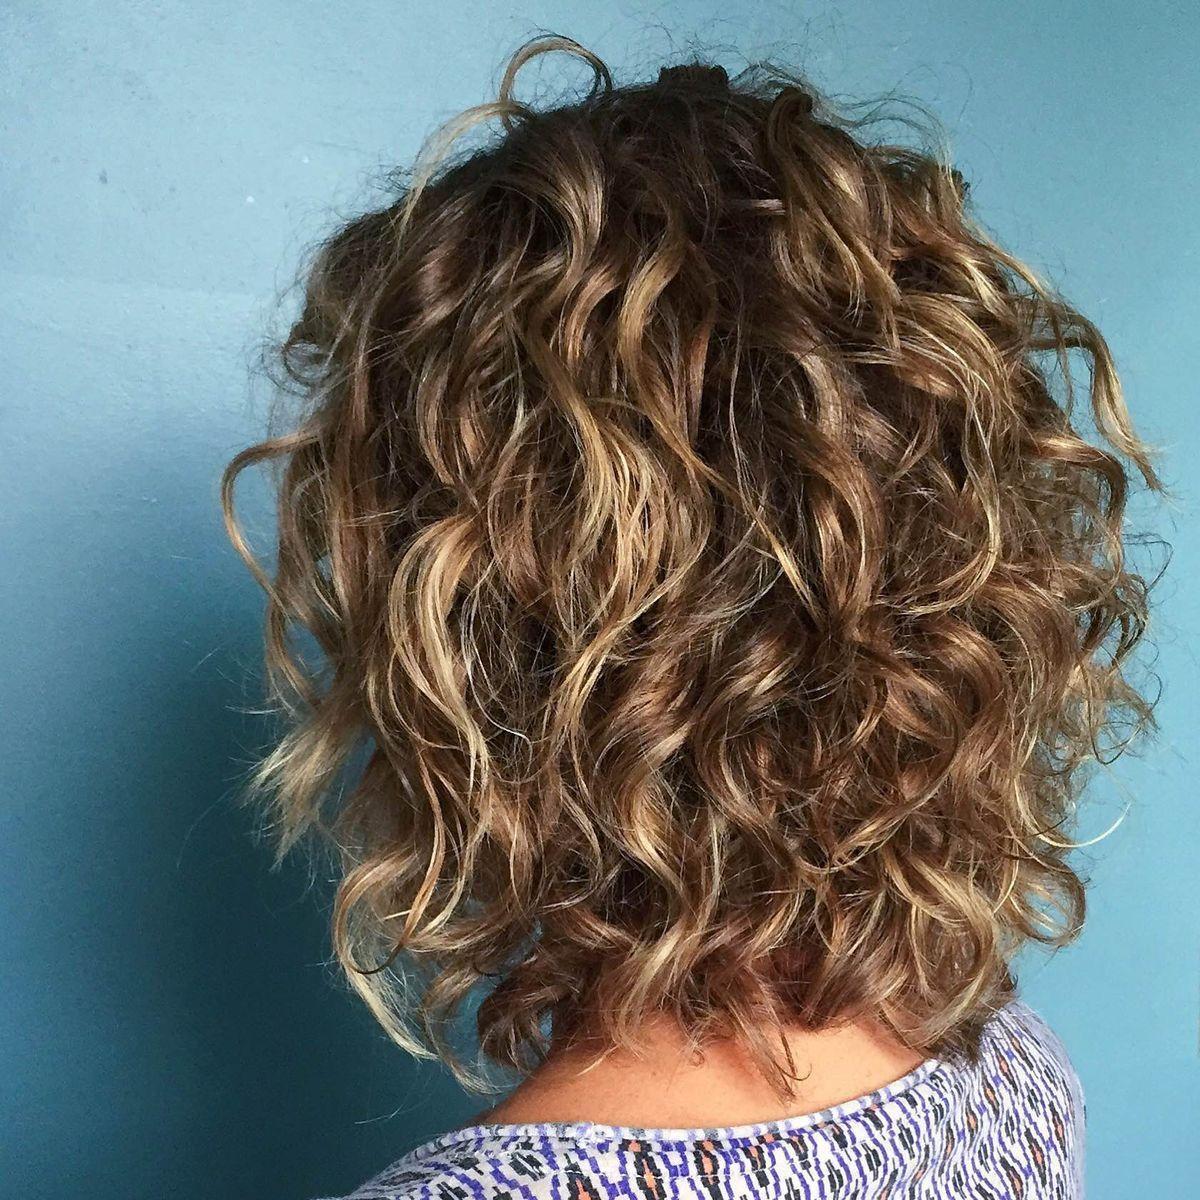 Balayage Cheveux Bruns, Cheveux Bouclés, Filles Cheveux Bouclés, Cheveux  Courts, Coiffures Pour Entraînement, Coiffure Maquillage, Beauté Coiffure,